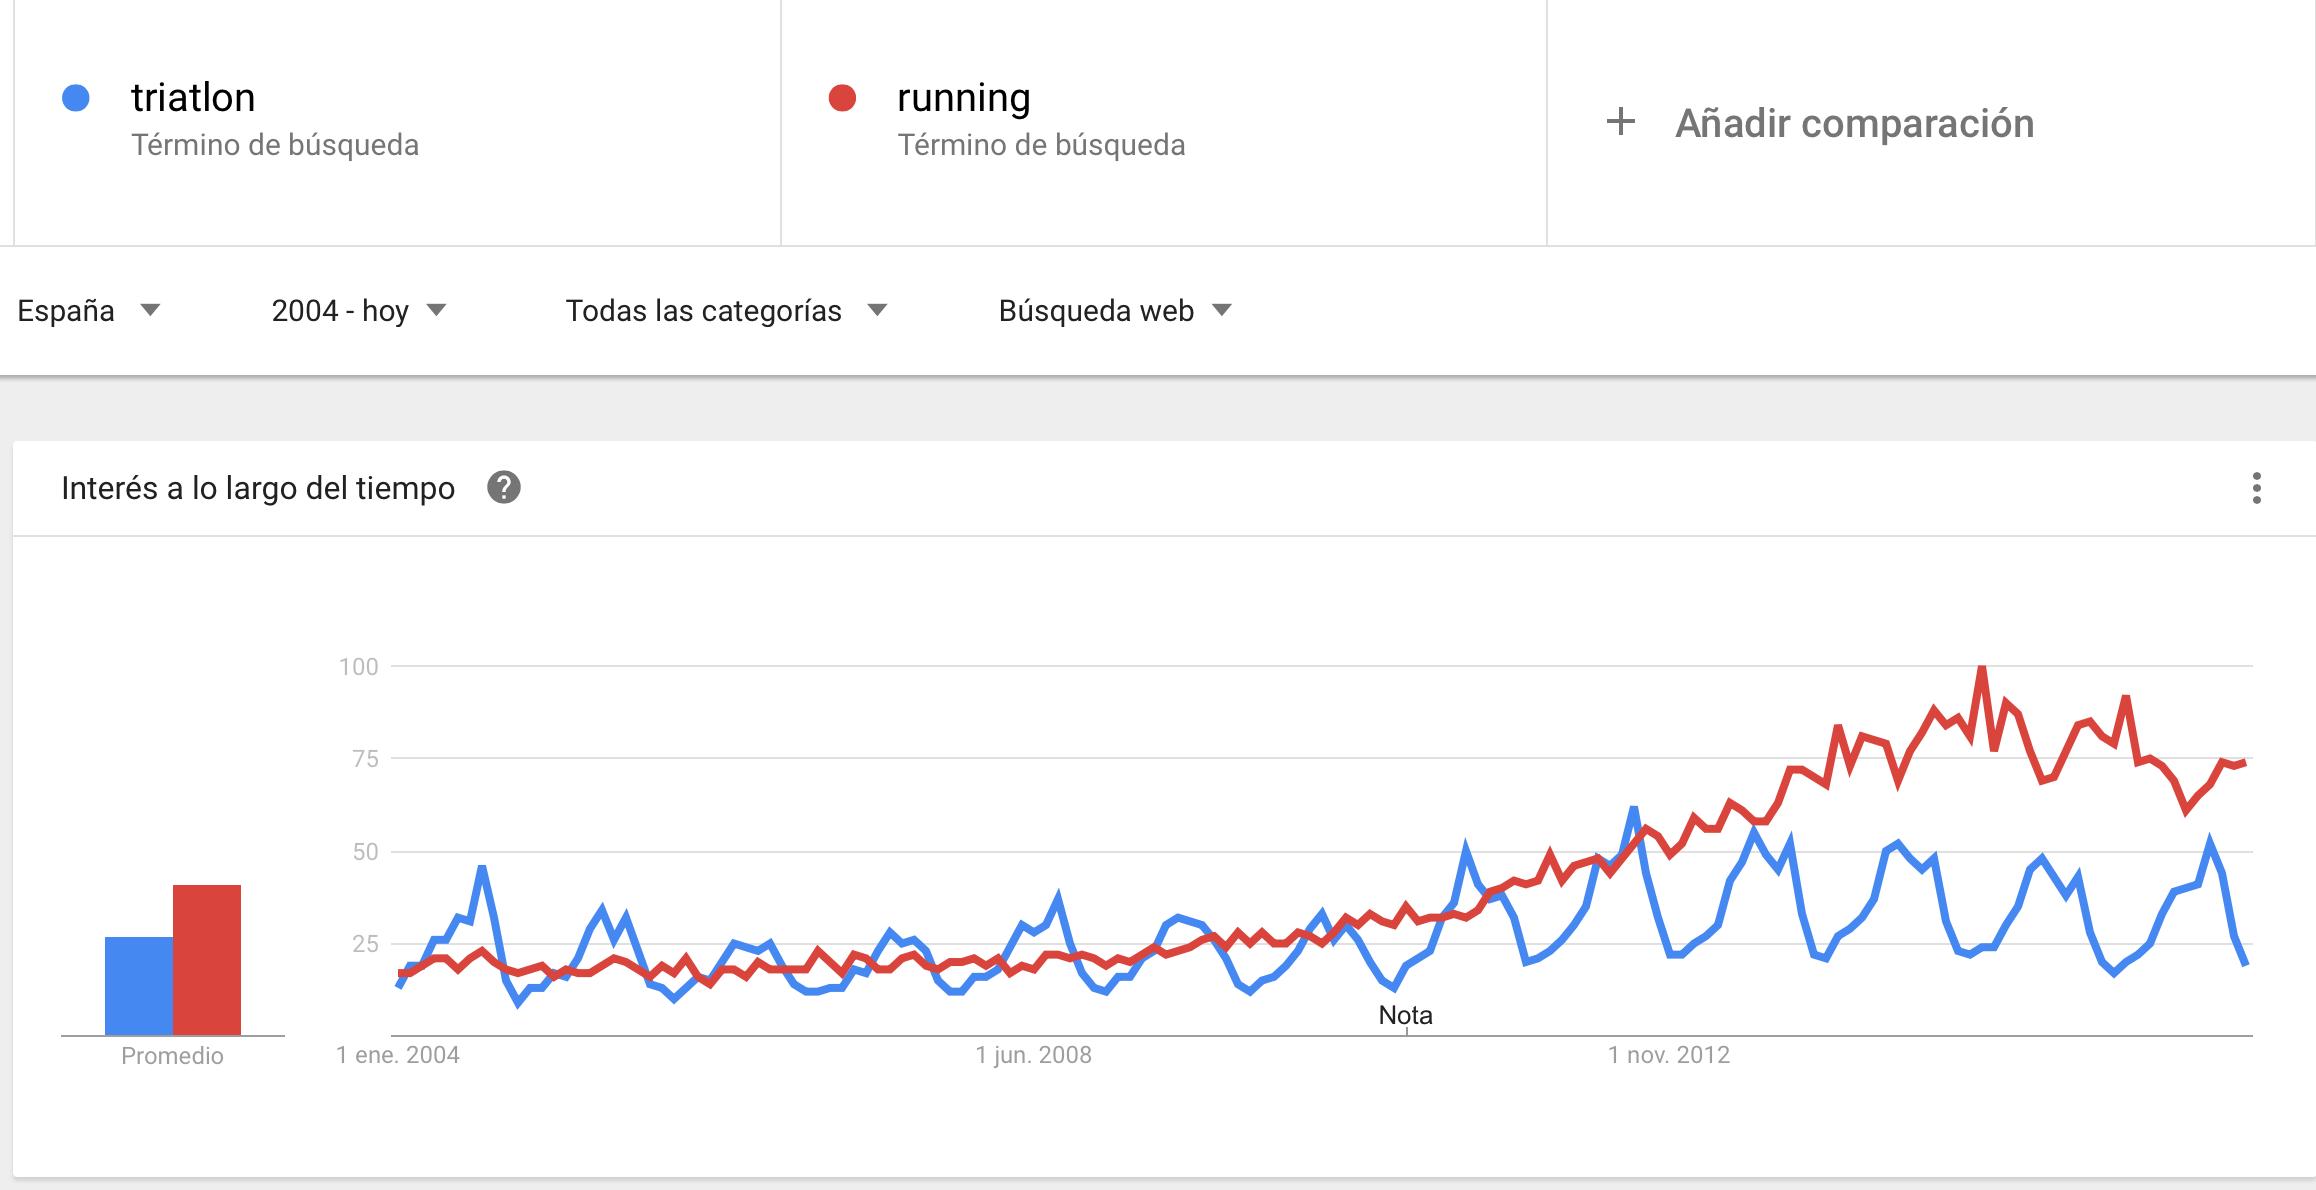 triatlon vs running